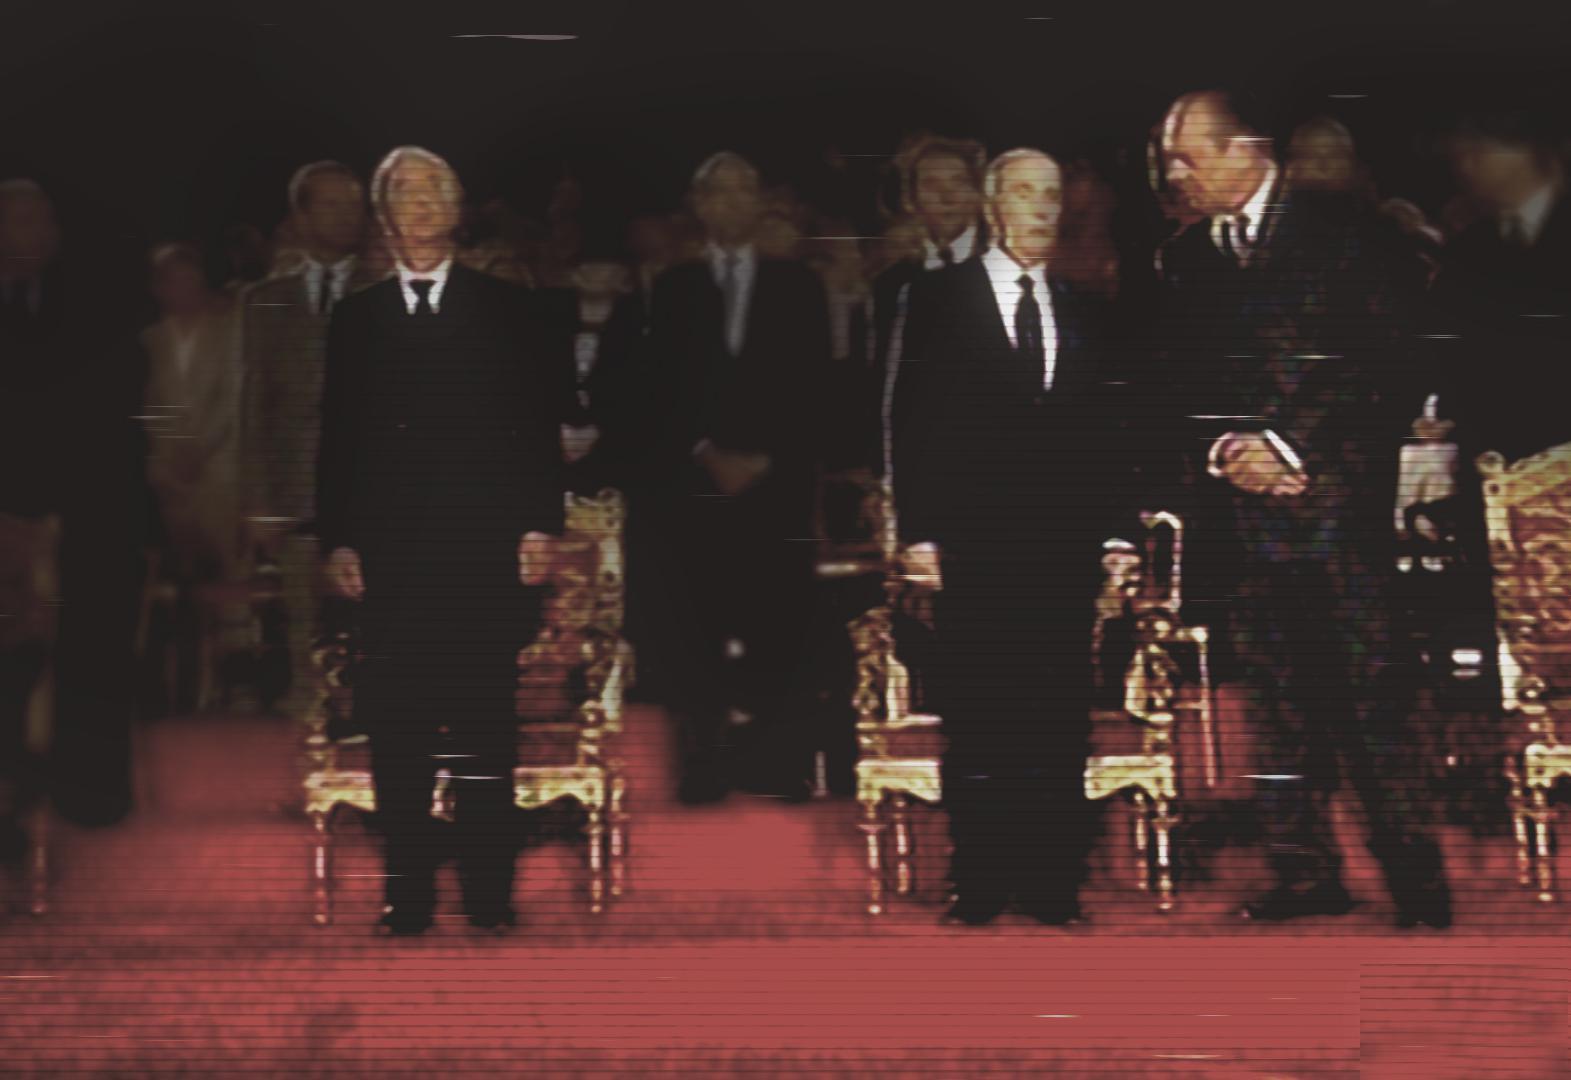 Edouard Balladur, François Mitterrand et Jacques Chirac assistent au 50e anniversaire de la Libération de Paris, le 25 août 1994.